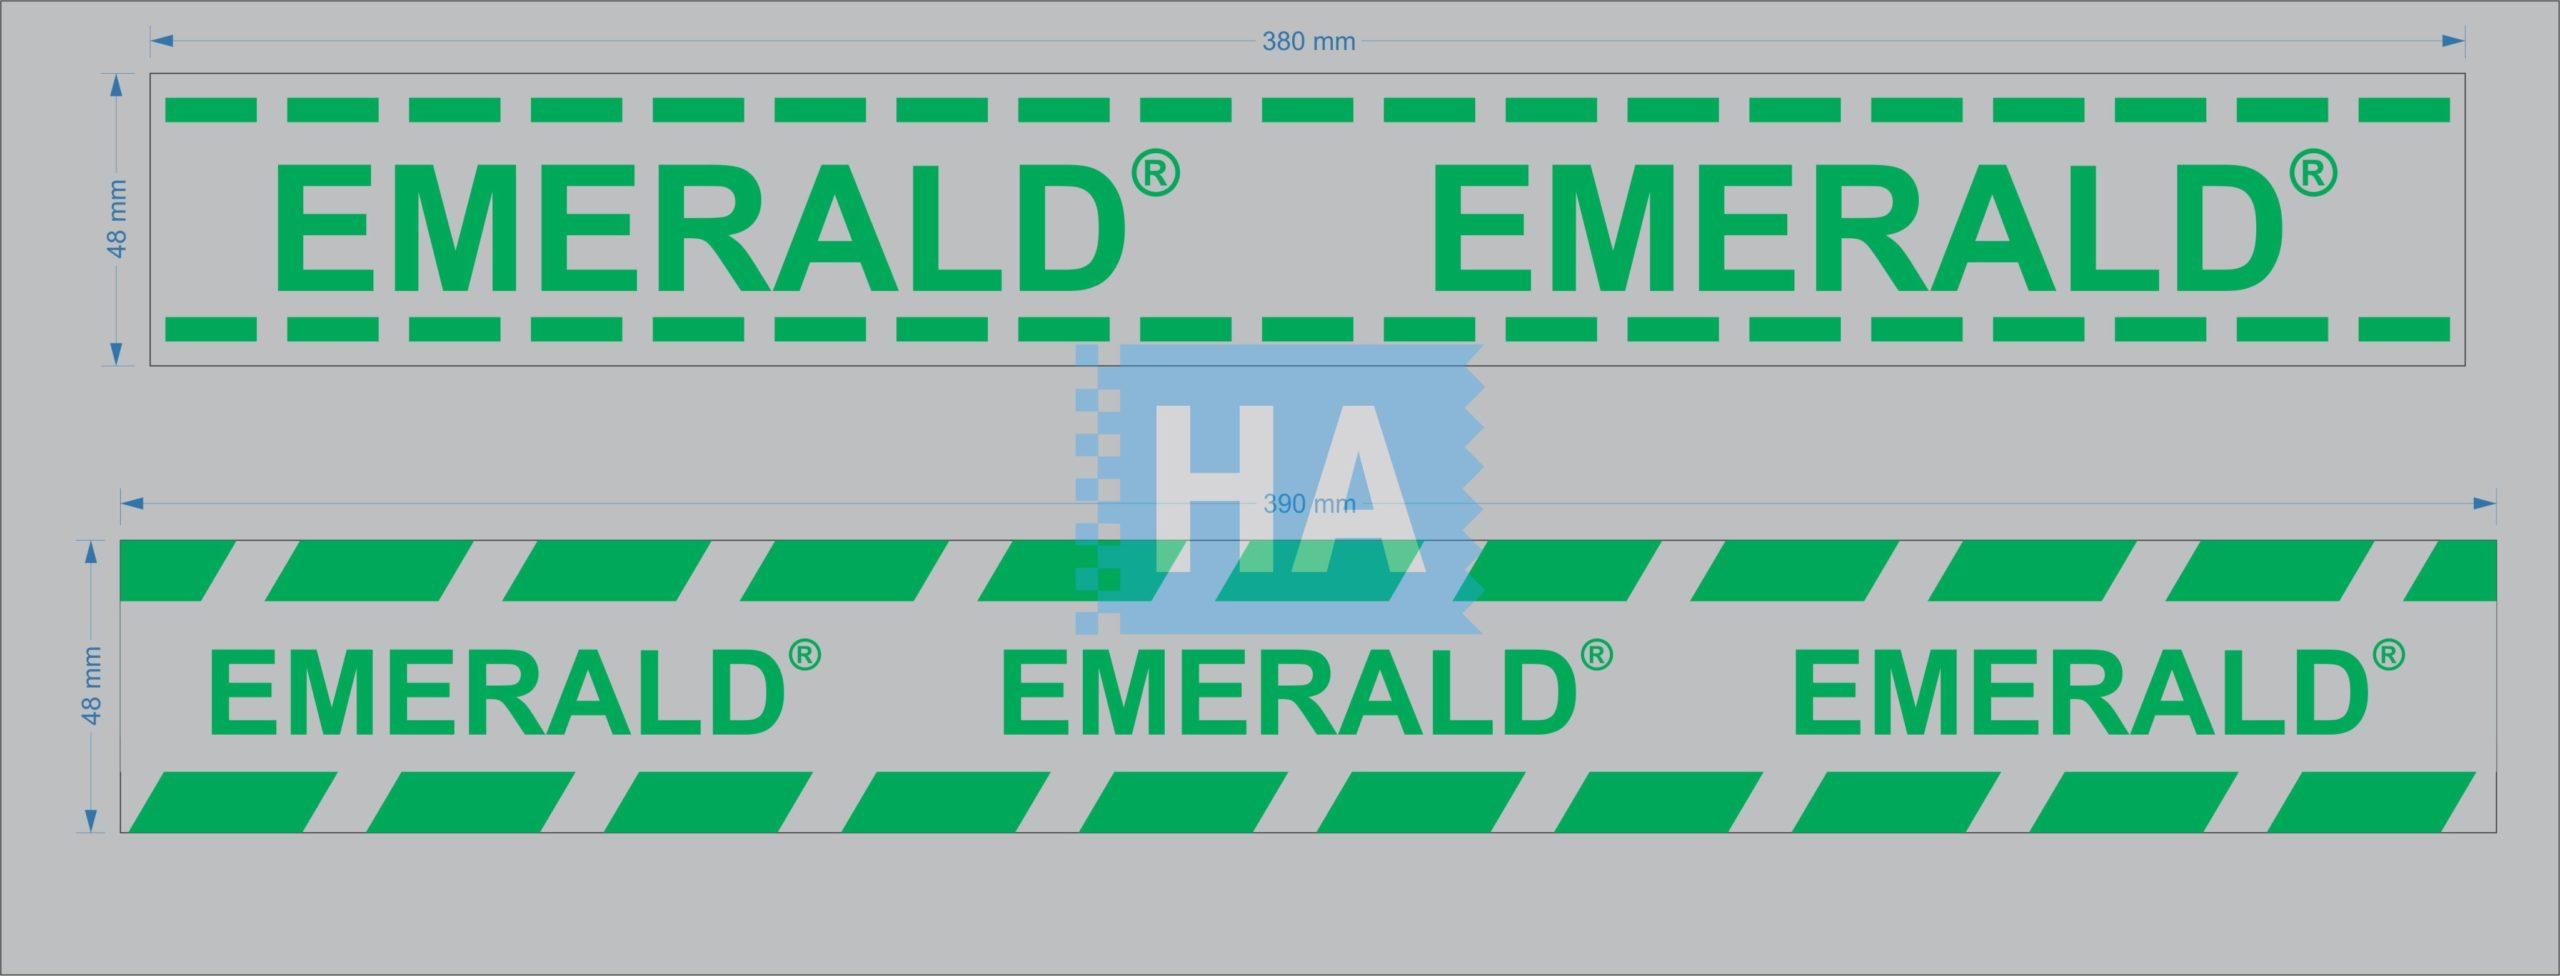 Mẫu in băng keo logo